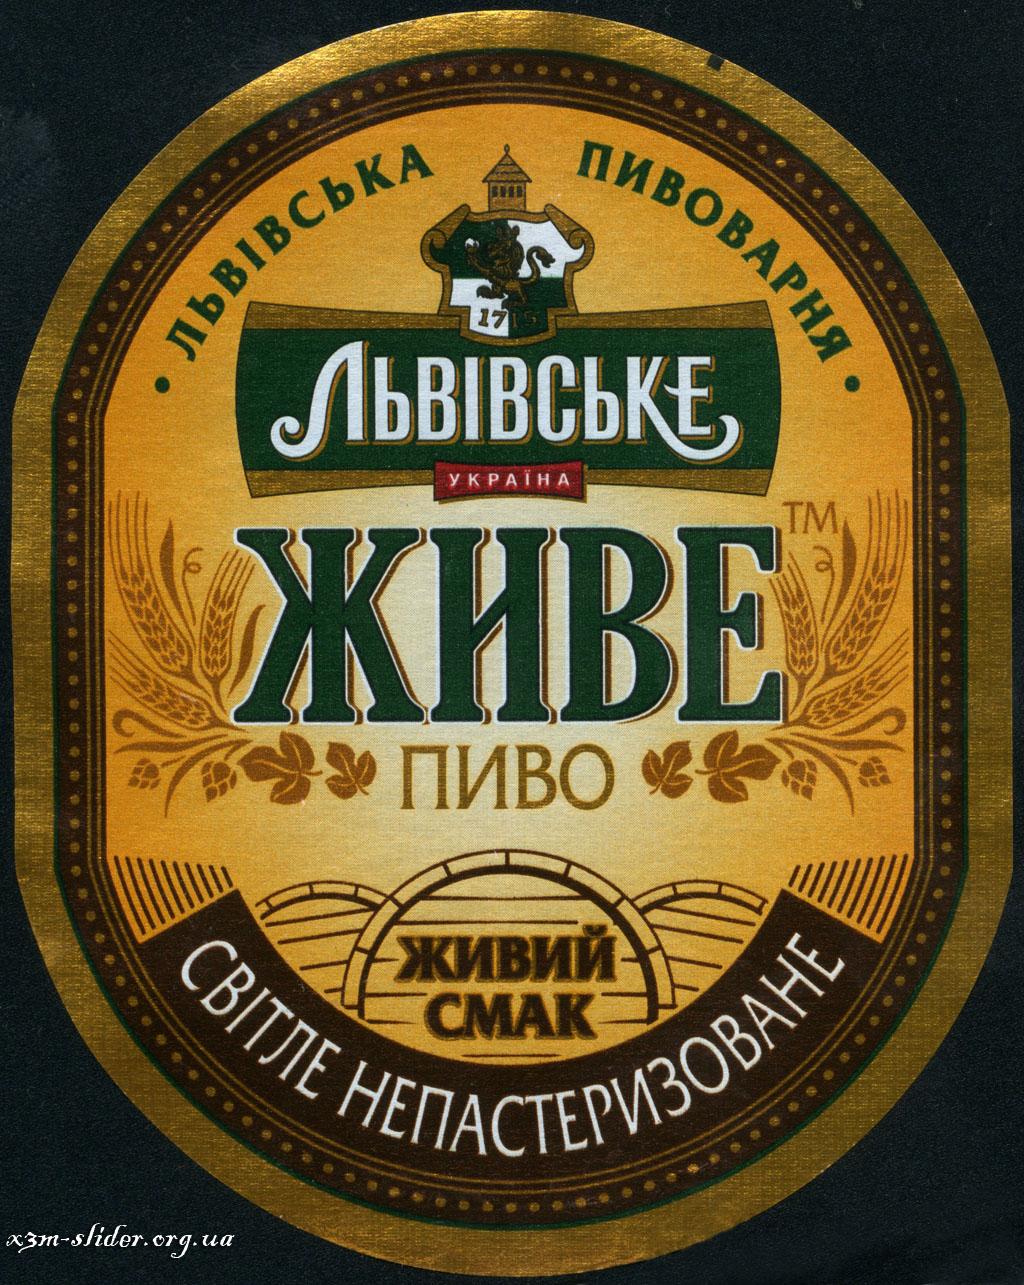 Львівське - Живе пиво (2011)